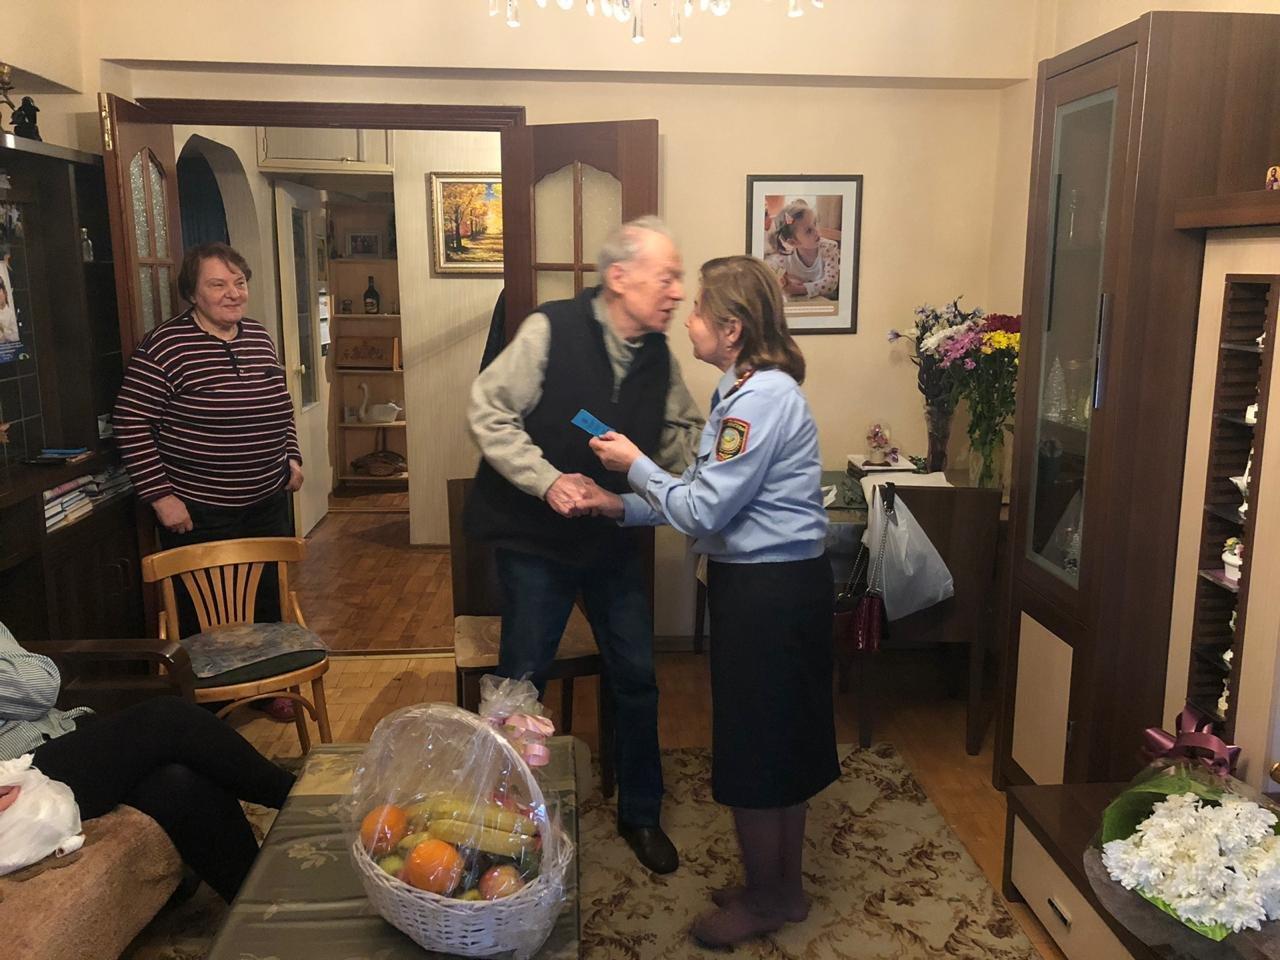 В Алматы ветерану возвратили утерянное пенсионное удостоверение (ФОТО), фото-2